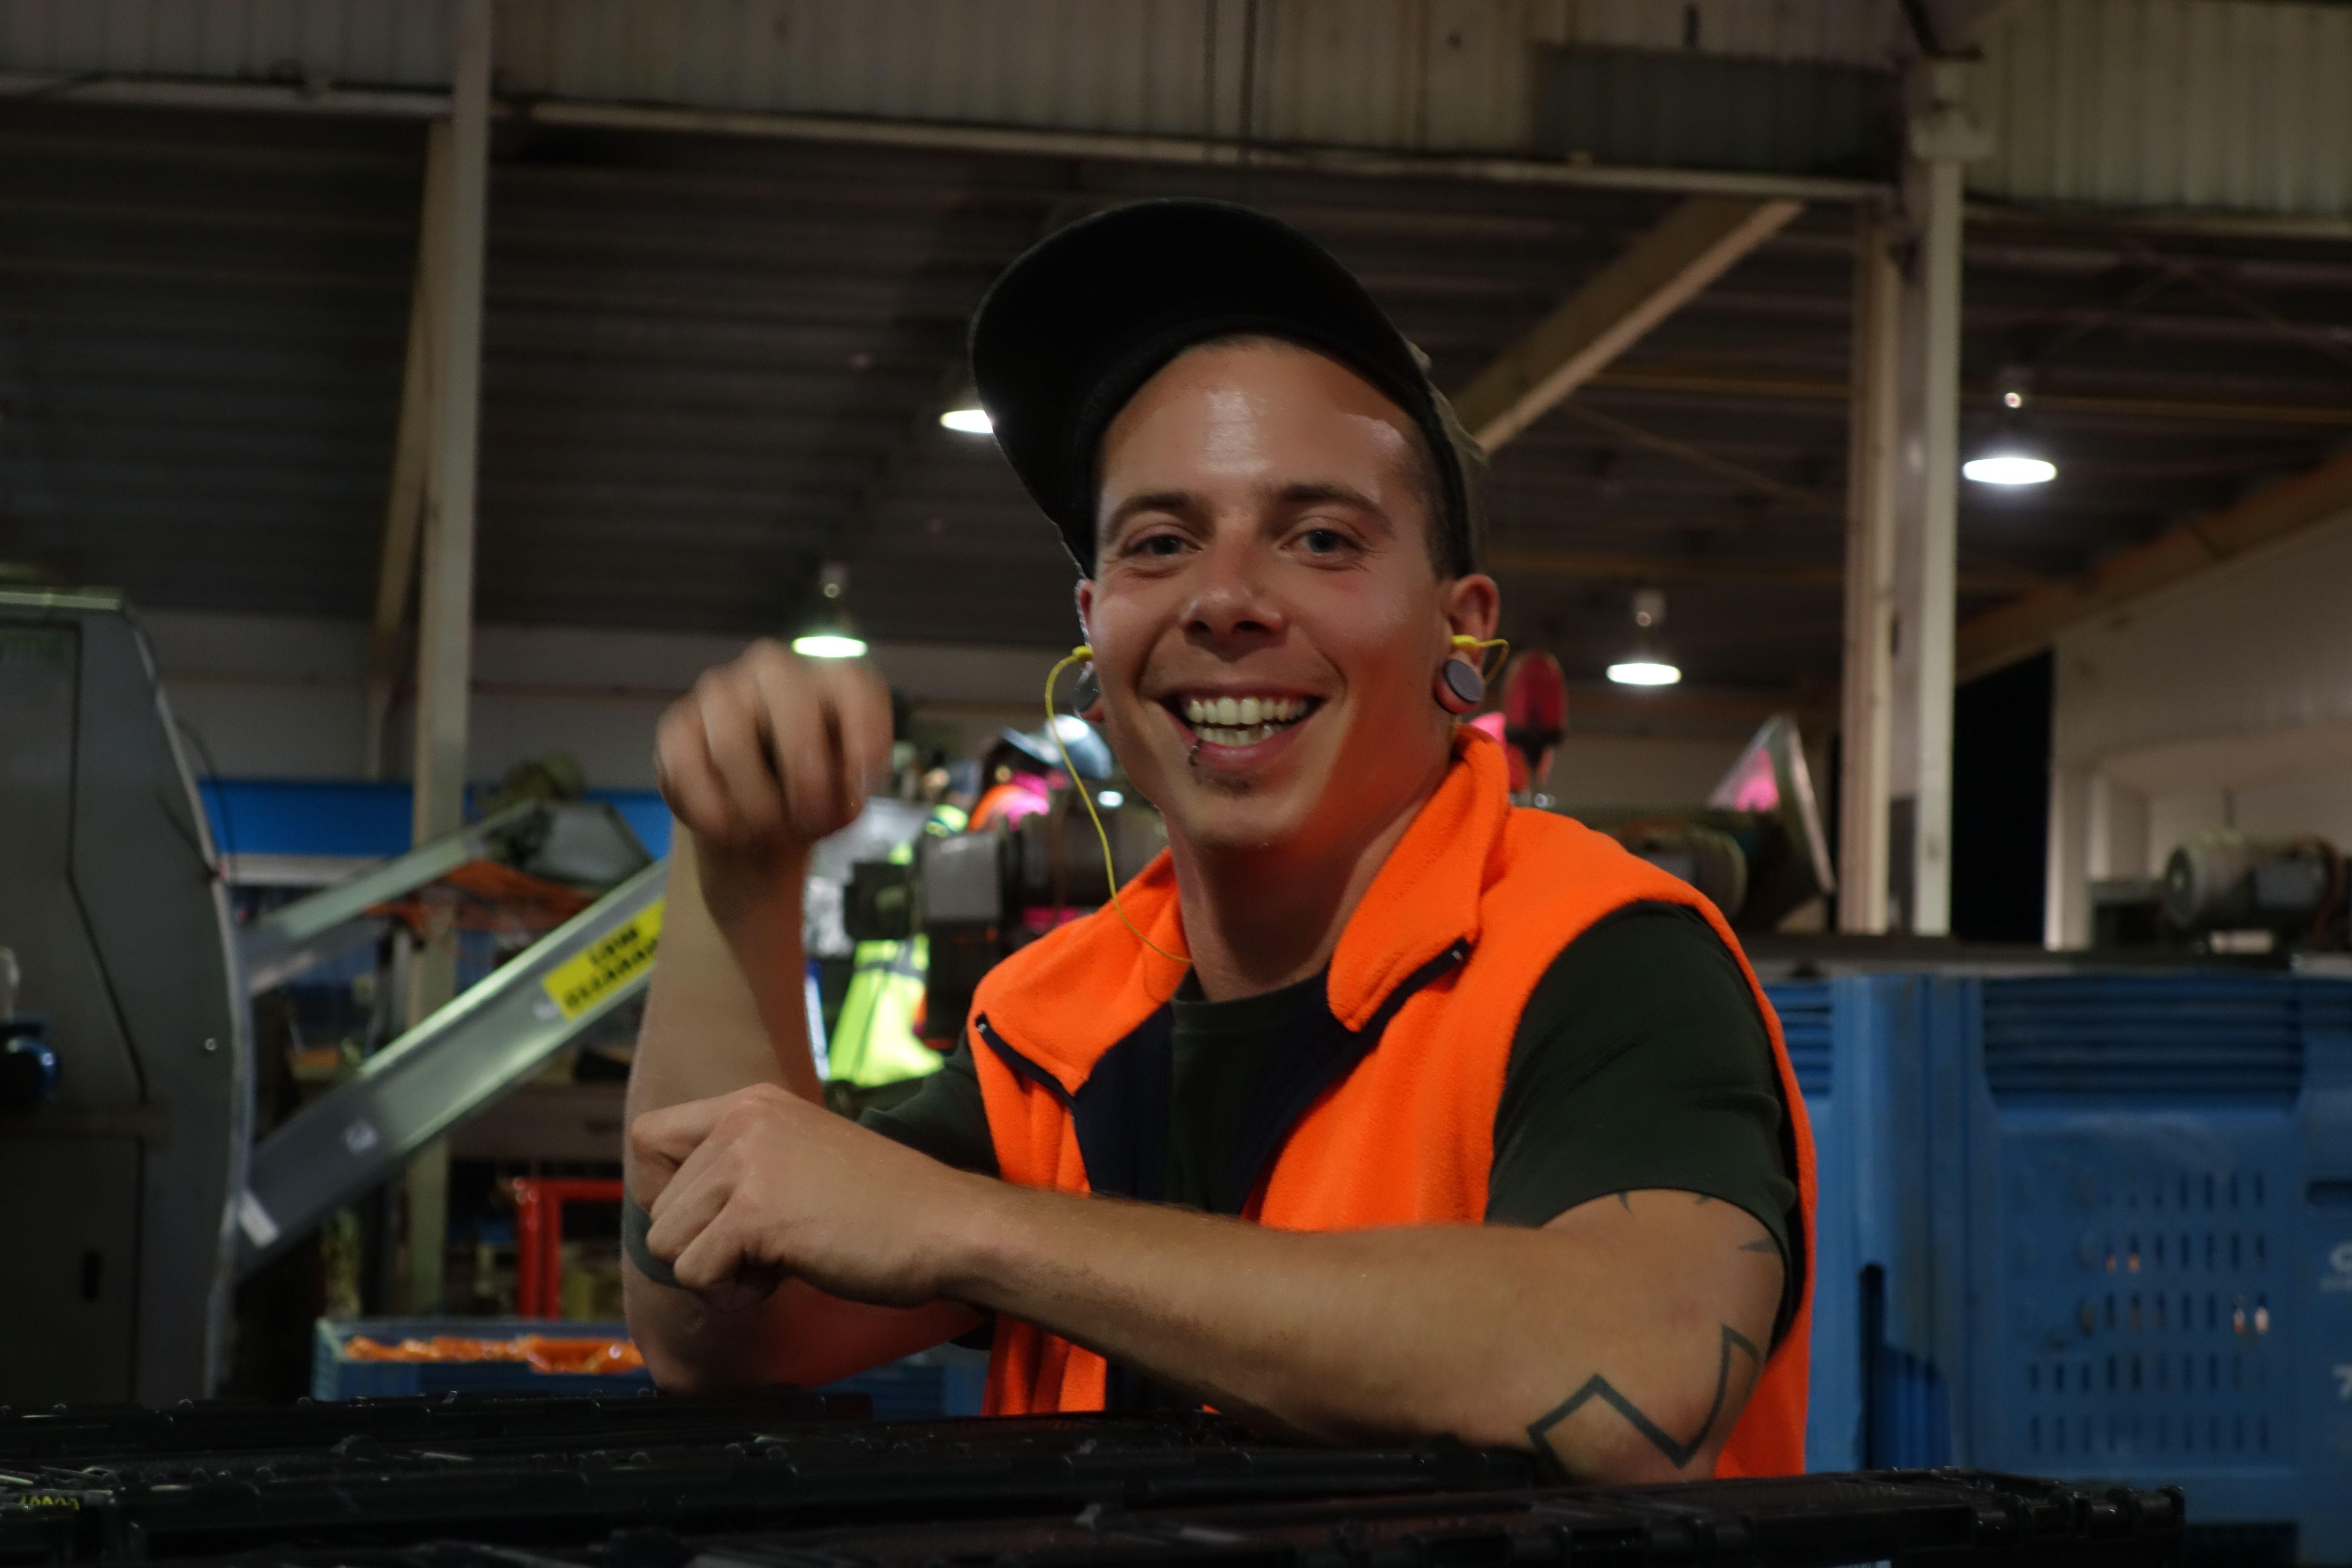 Australie- Tasmanie: Le mec LUDOVIC, un français, qui a réussi a trouver le job le plus cool d'Australie. Prendre la température de l'eau et le PH et paye 20 dollars de l'heure. Le taf que j'aurai aime. lil